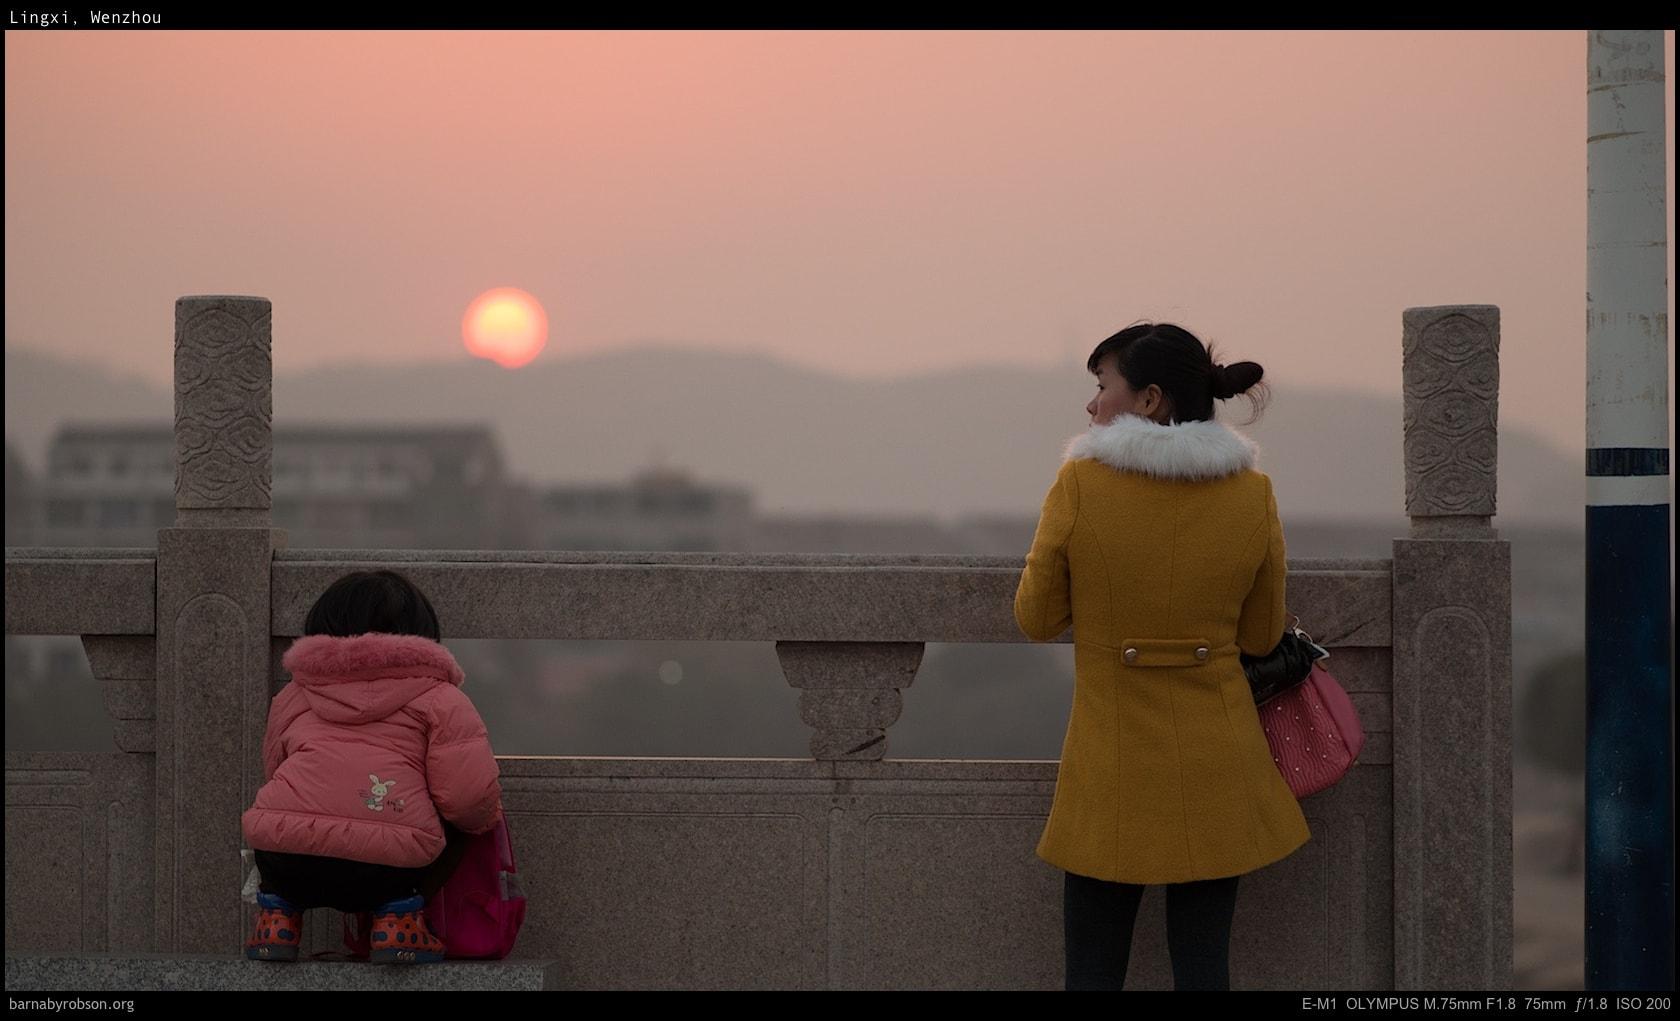 Lingxi wenzhou 038_